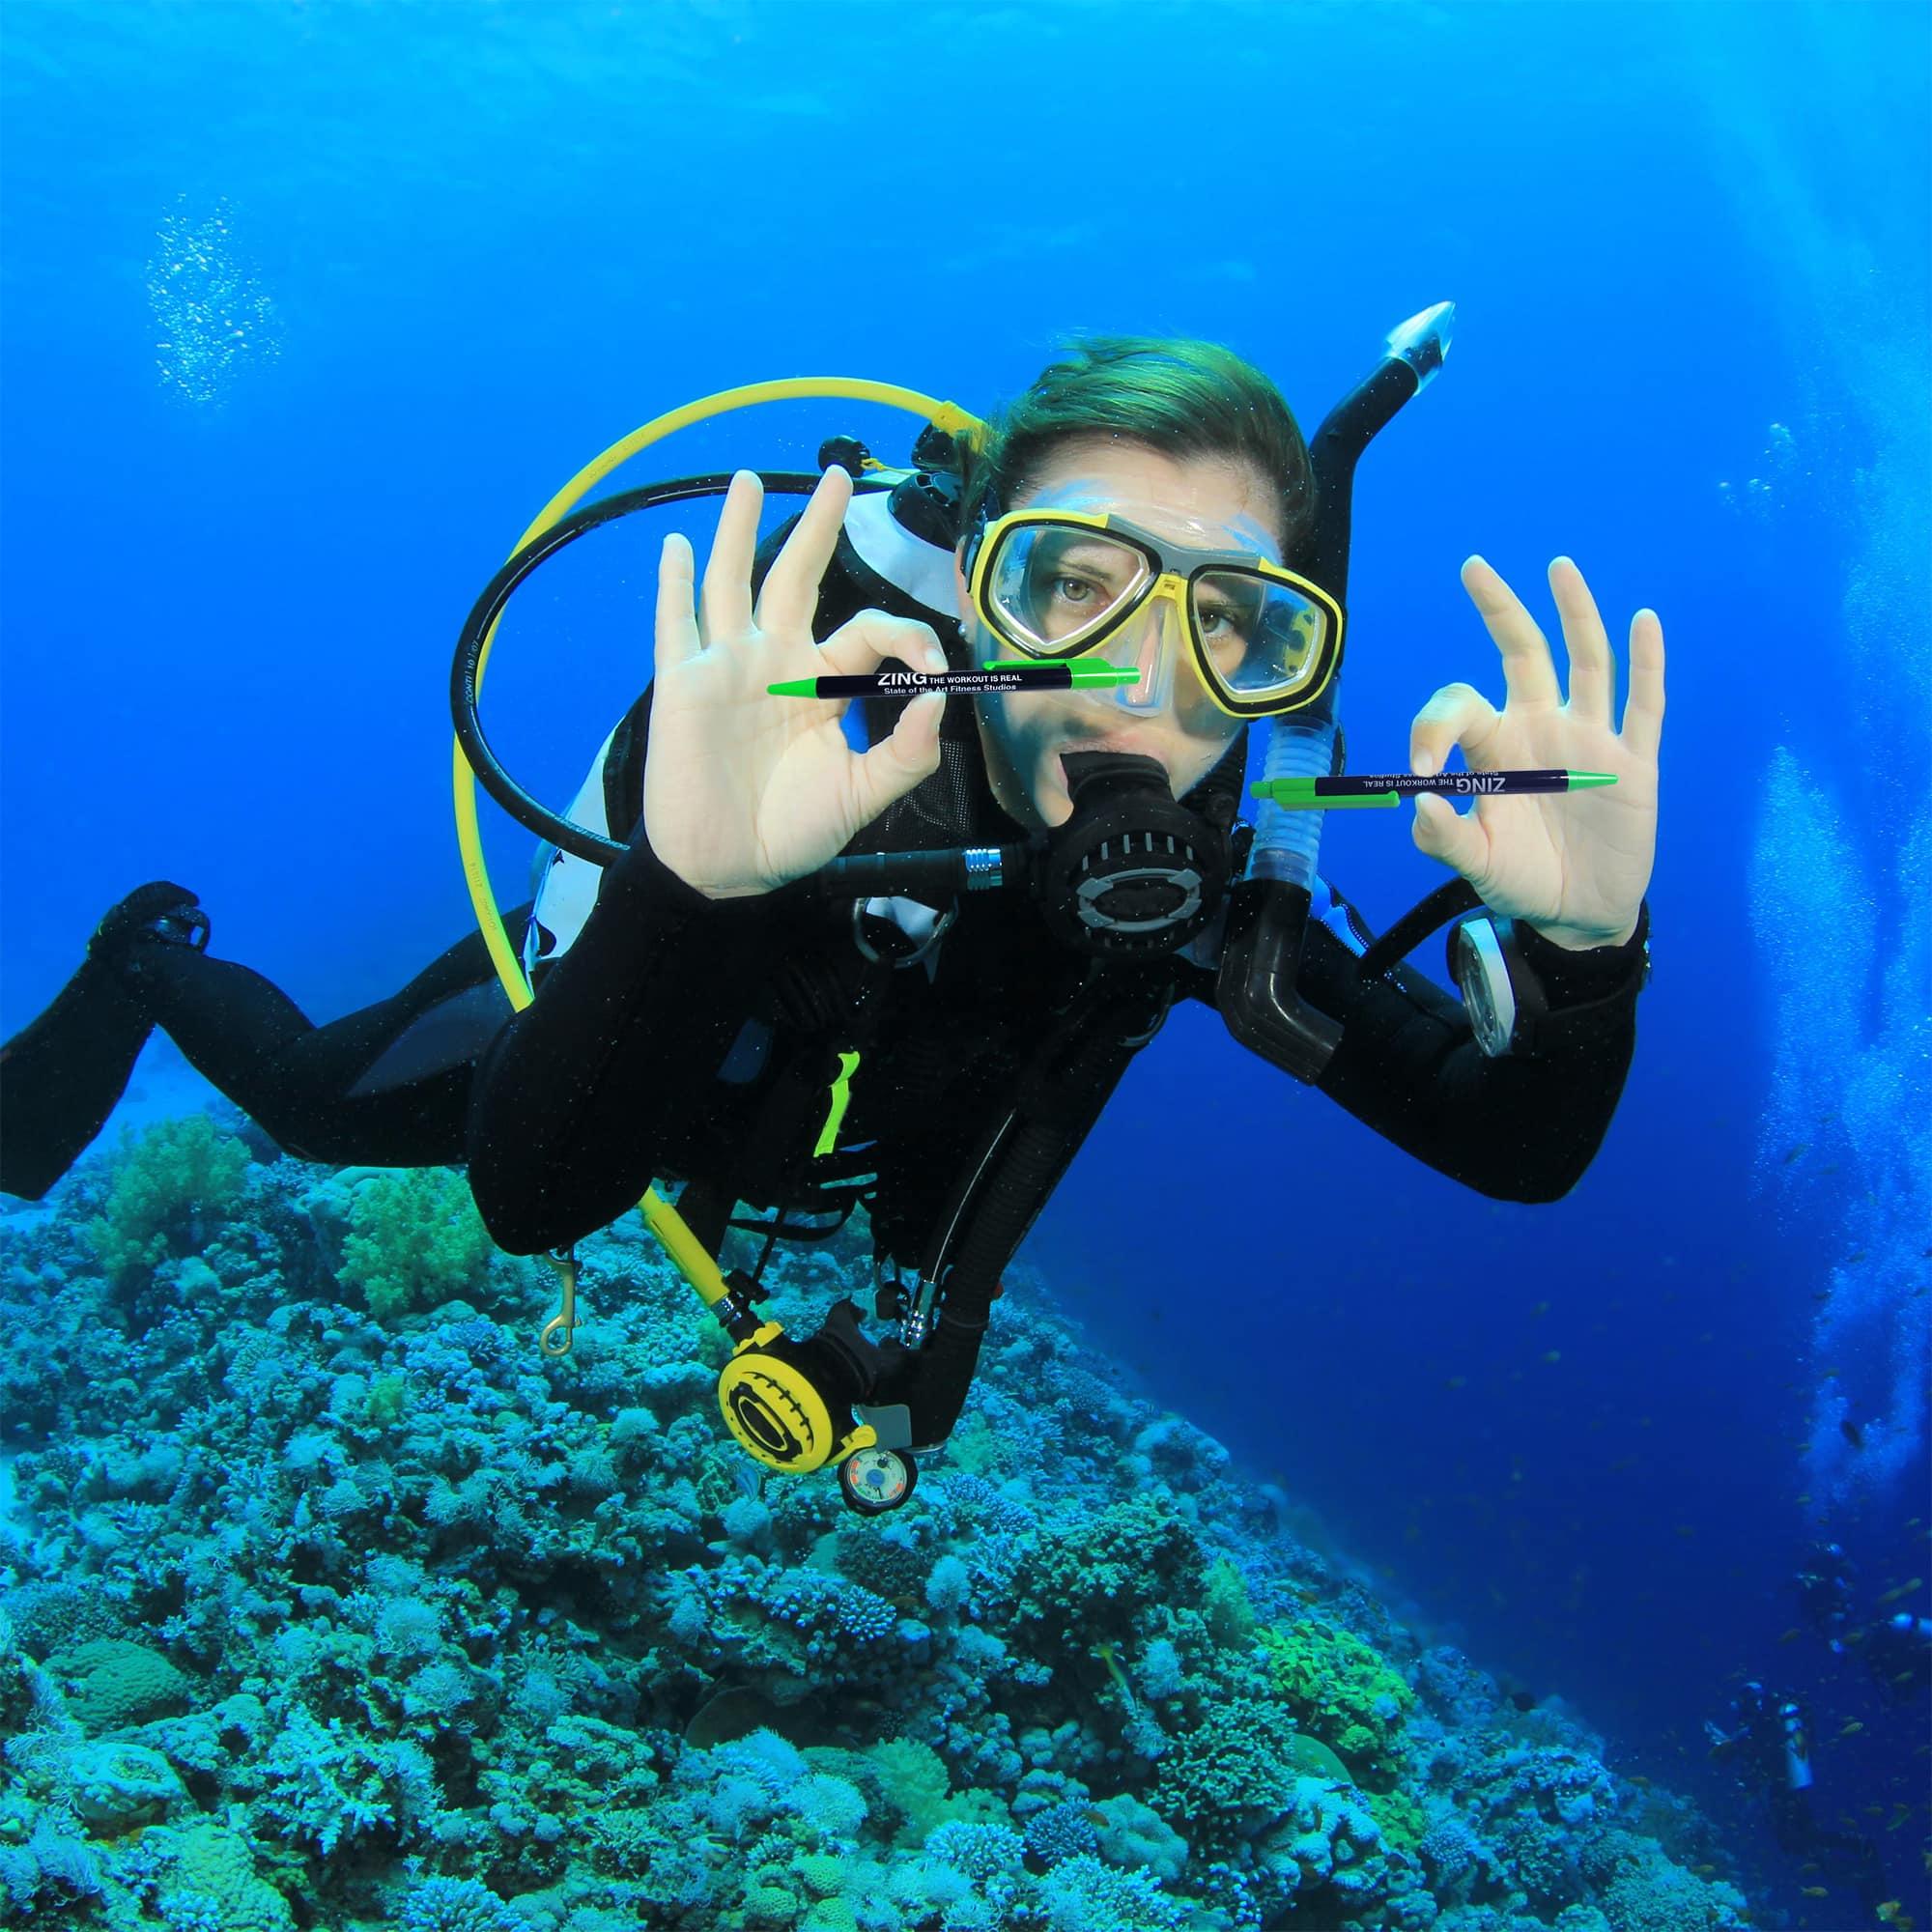 ZING Fitness Studios Pen Underwater